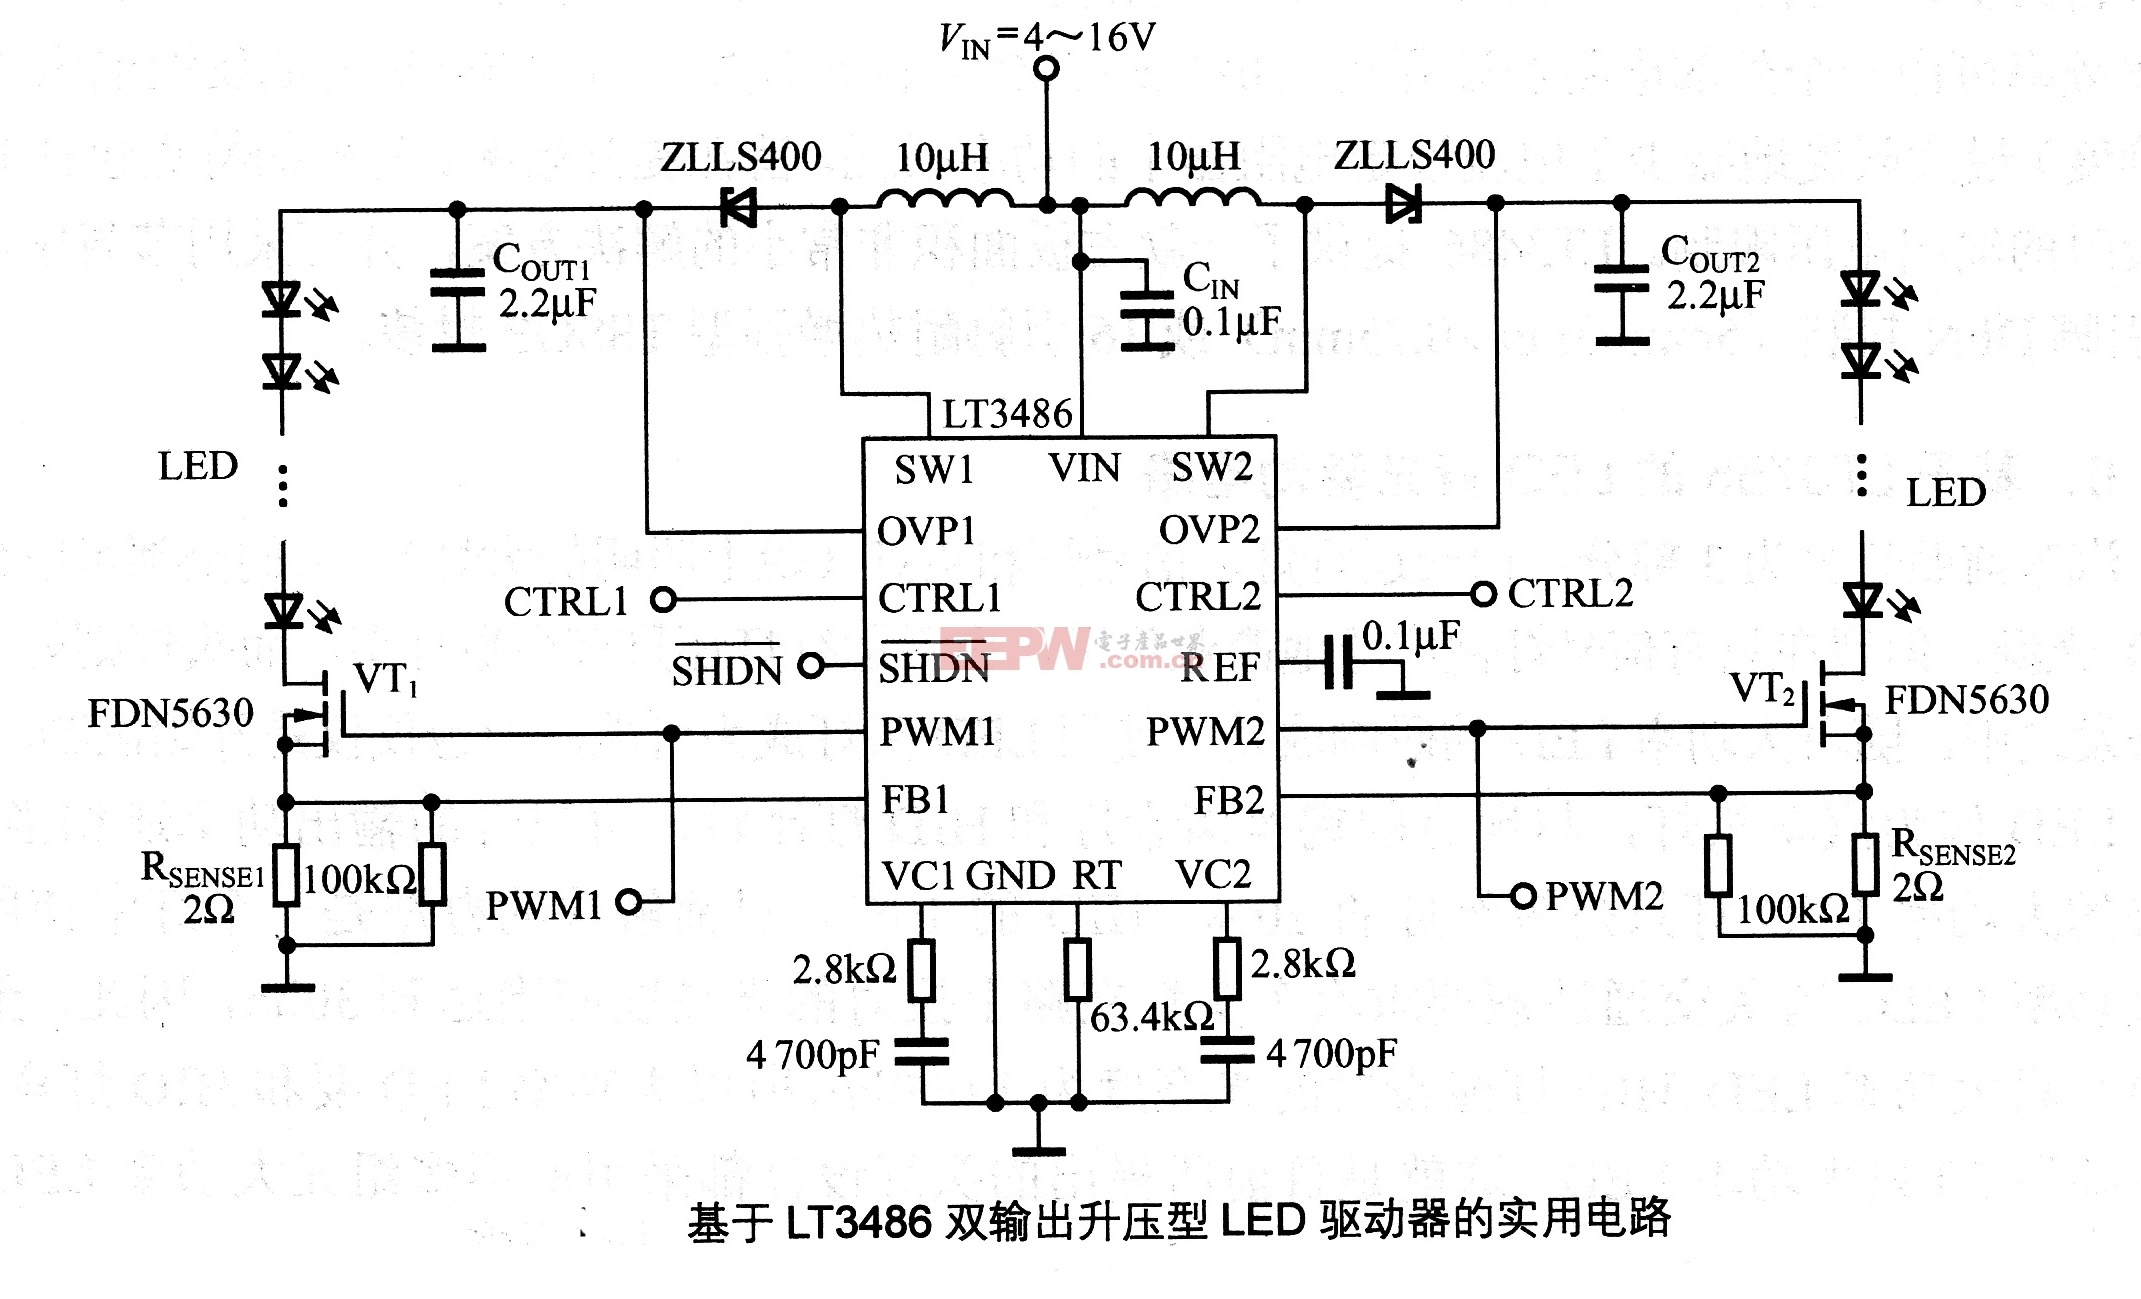 led 电路/该电路是基于LT3486双输出升压型LED驱动器的实用电路,它以...